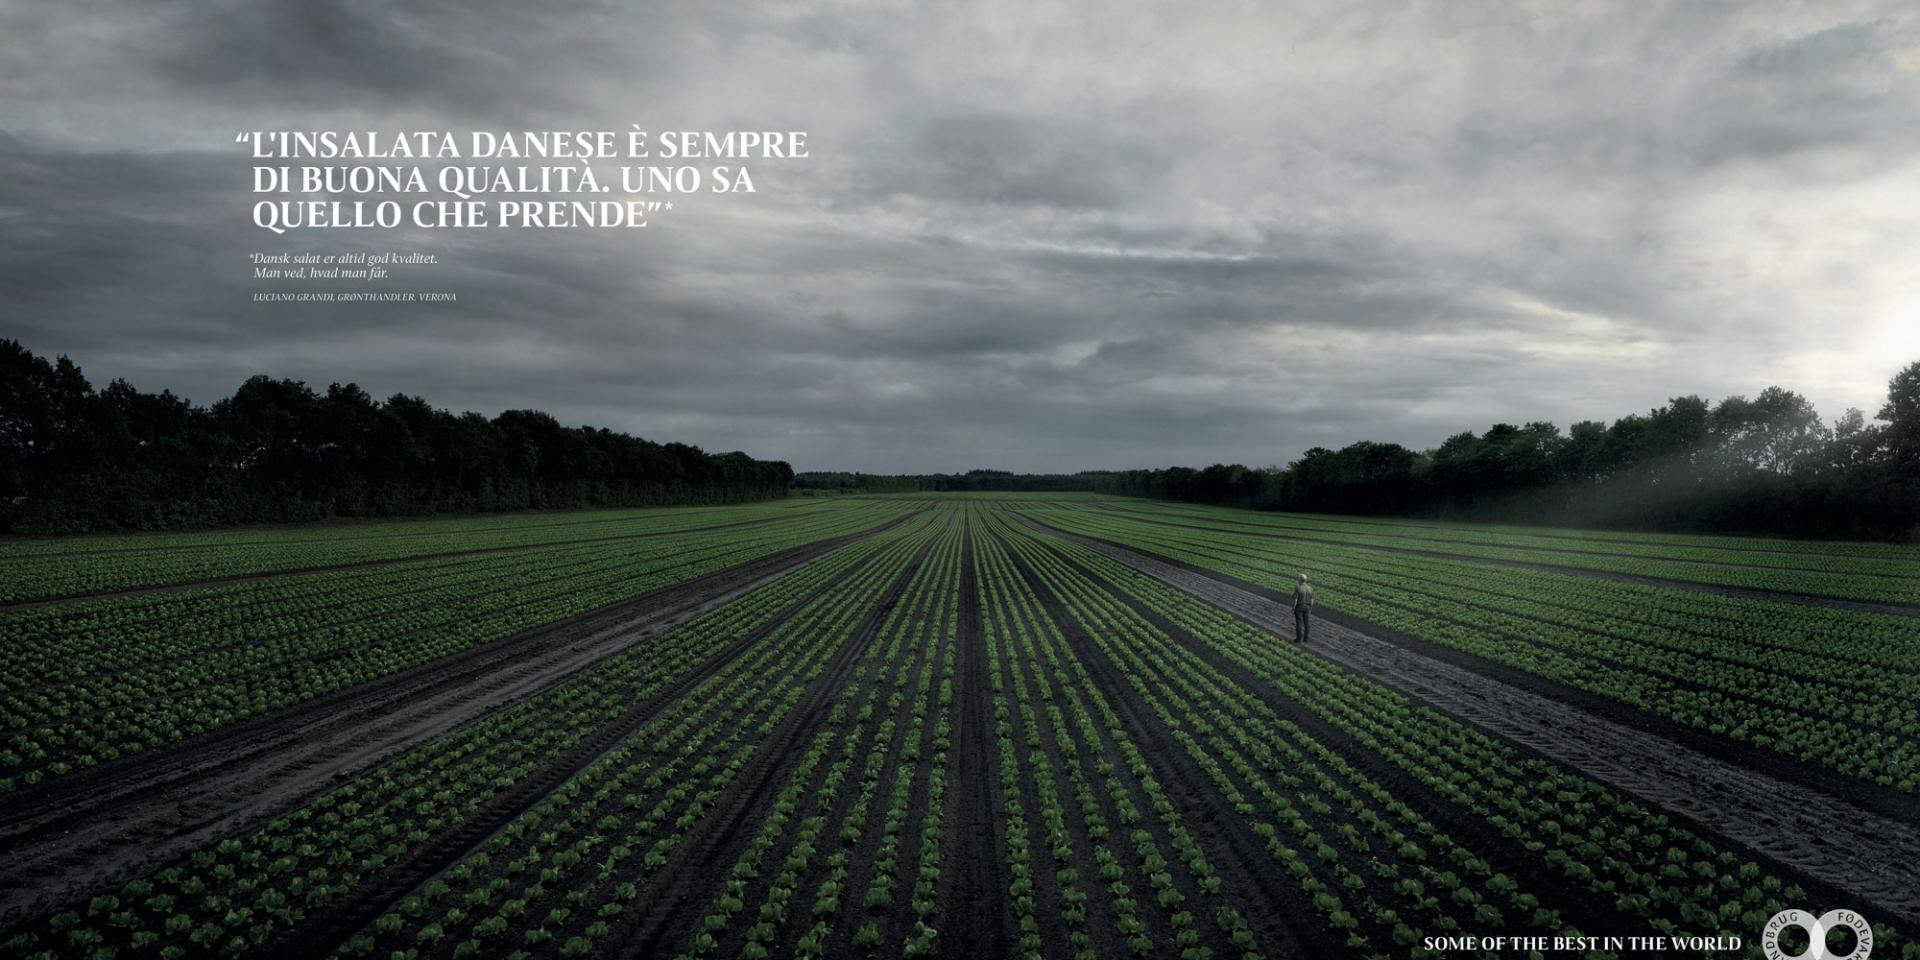 Landbrug & Fødevarer